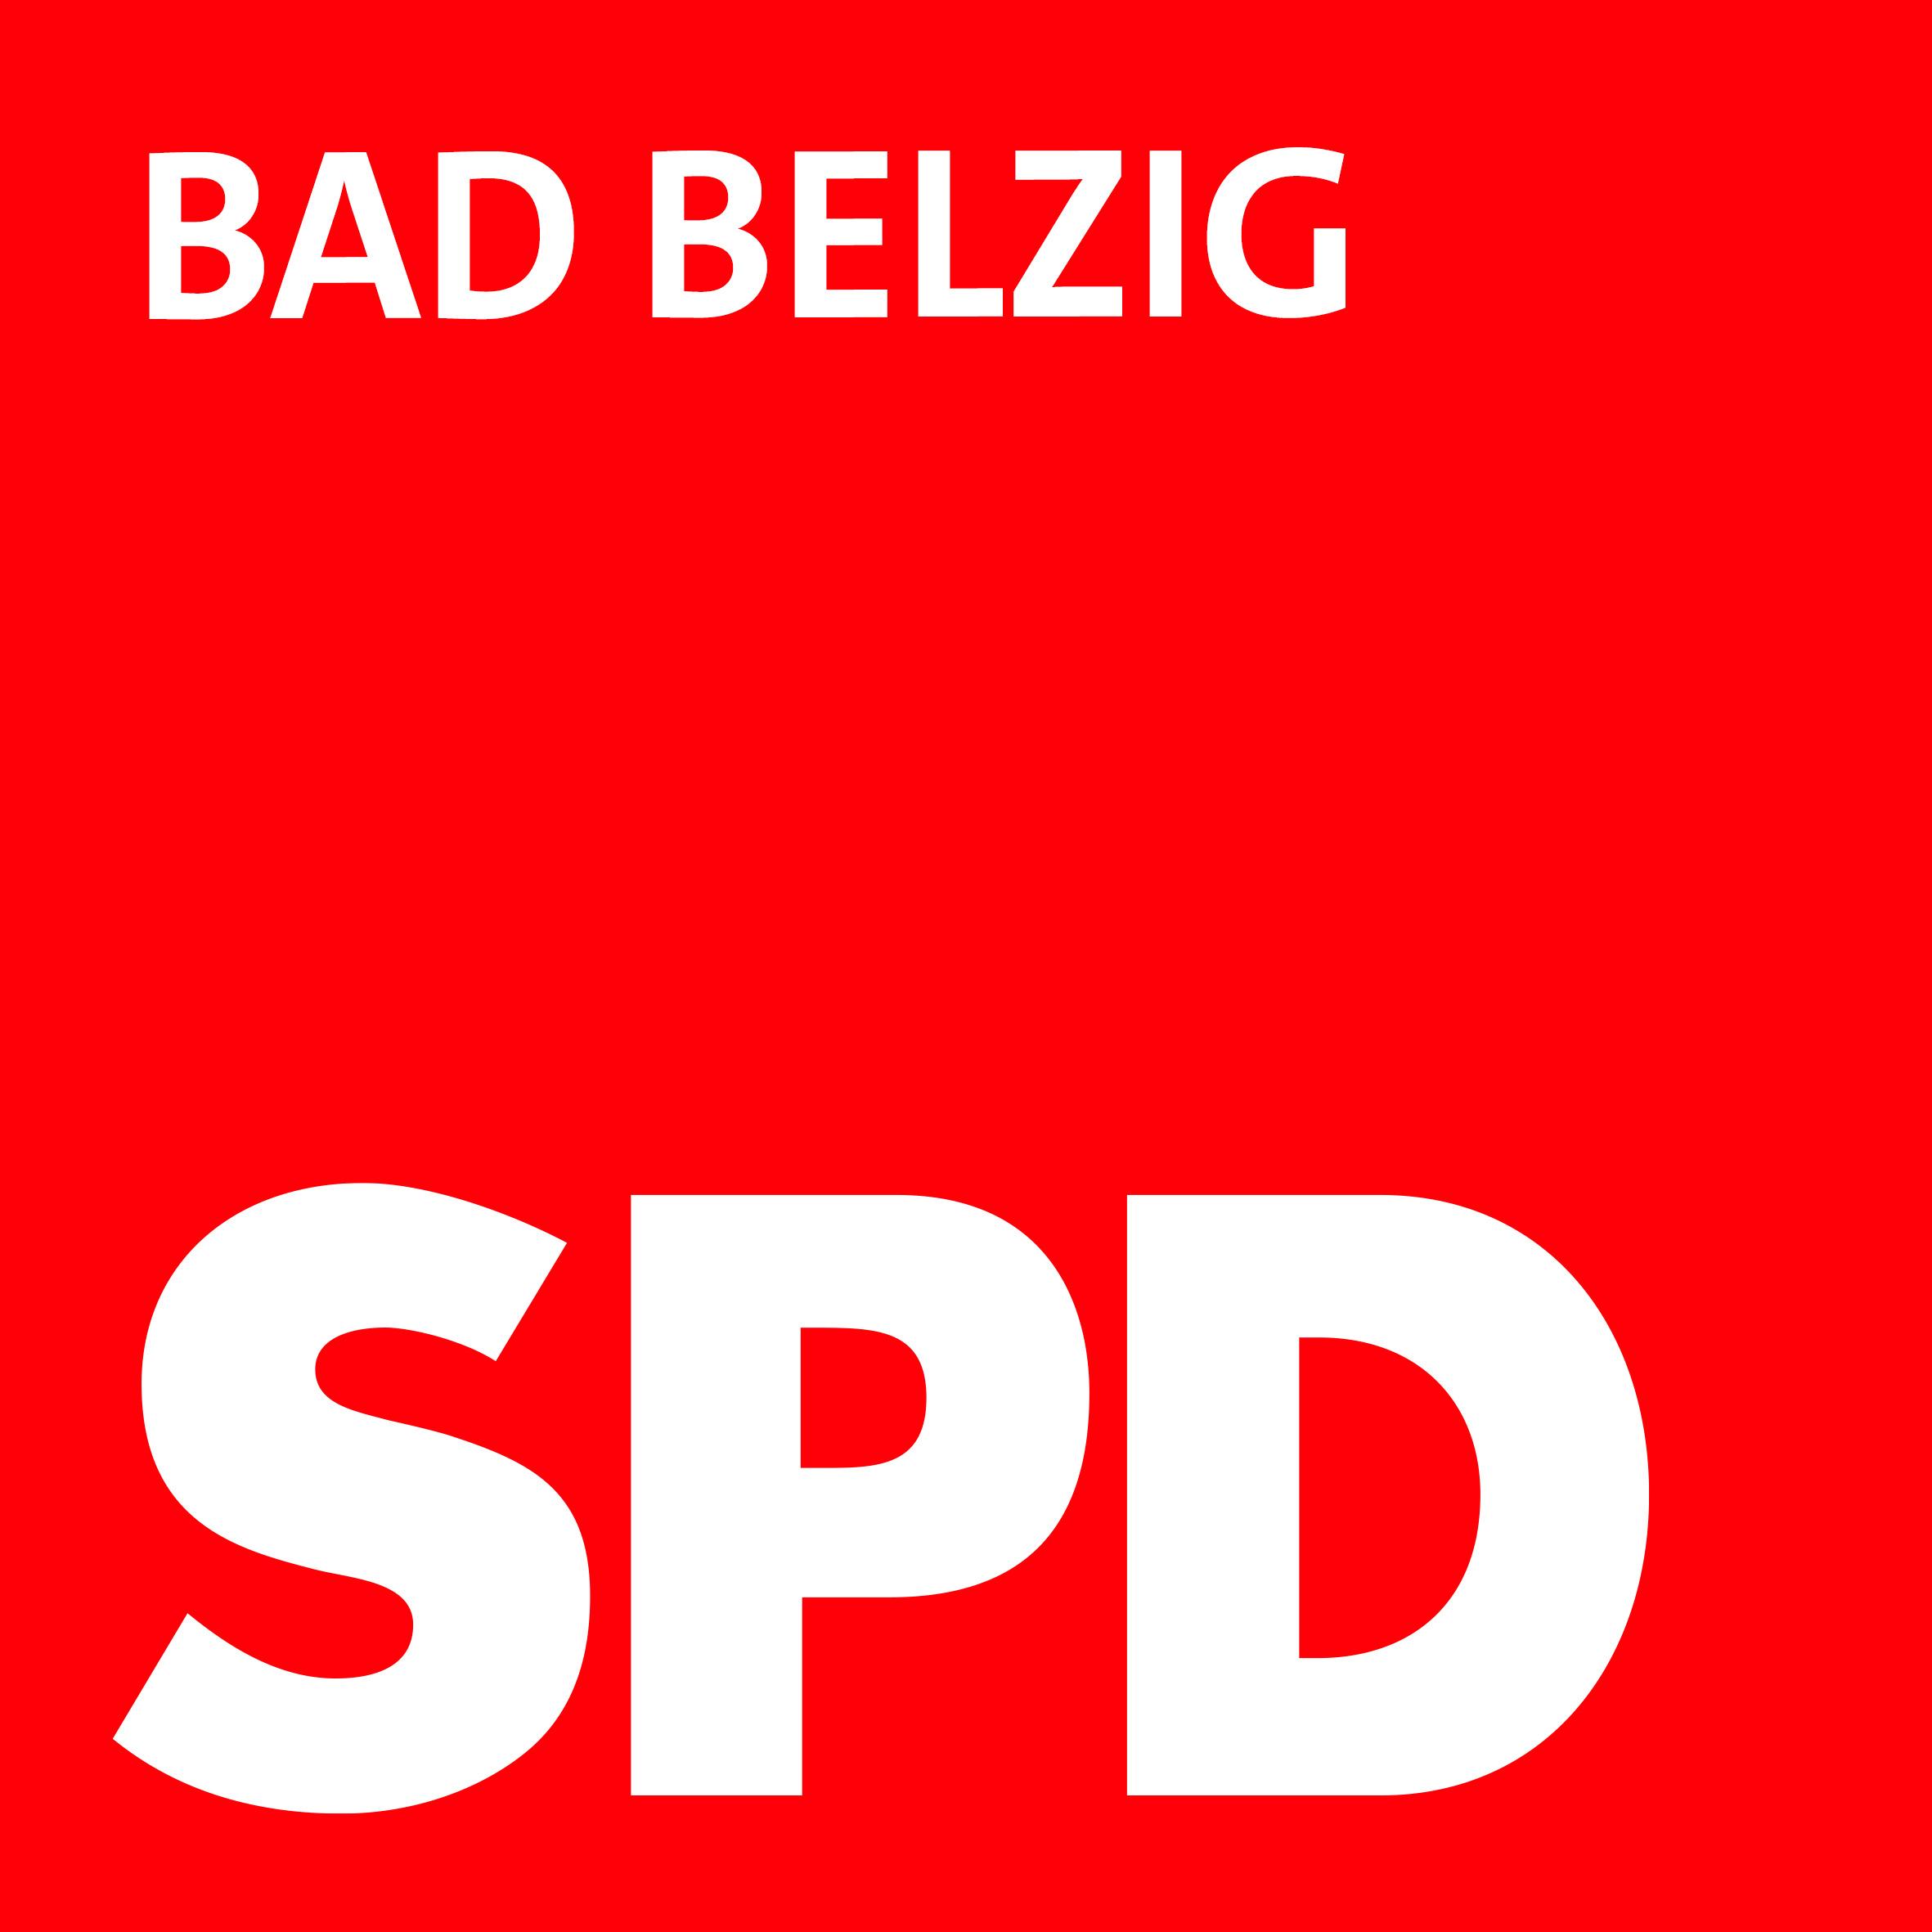 SPD Bad Belzig